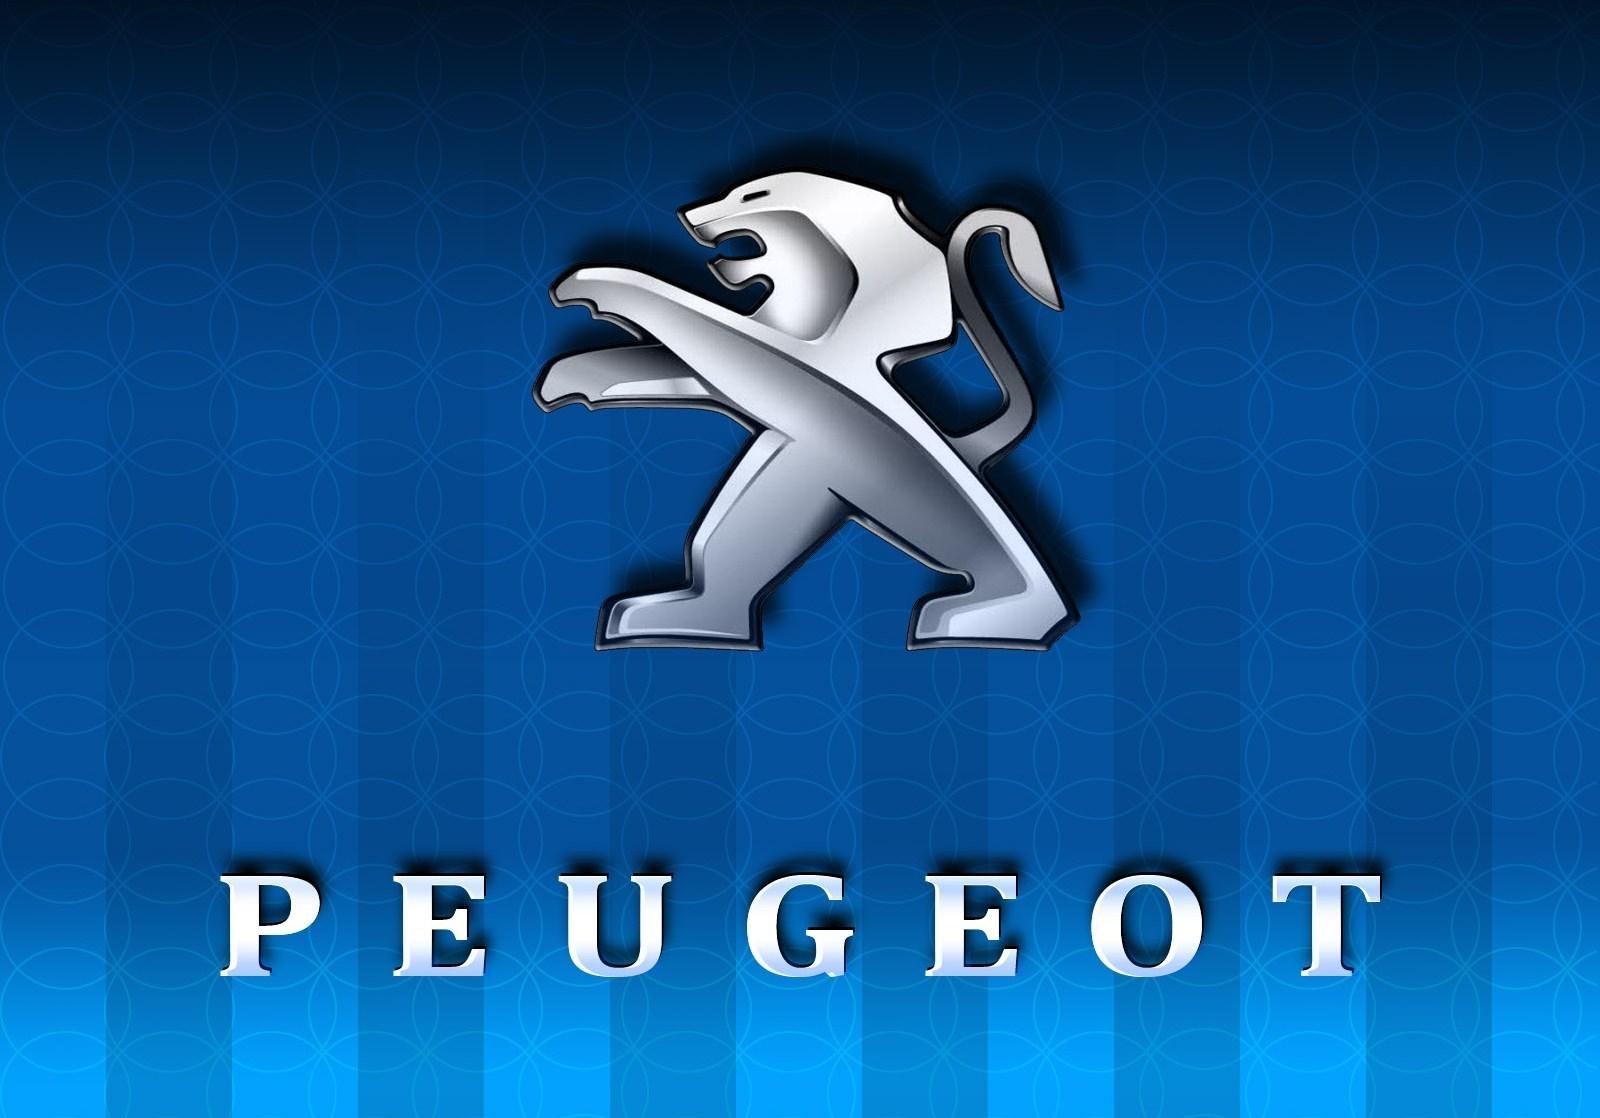 Cars Symbol Wallpaper Peugeot Logo Auto Cars Concept